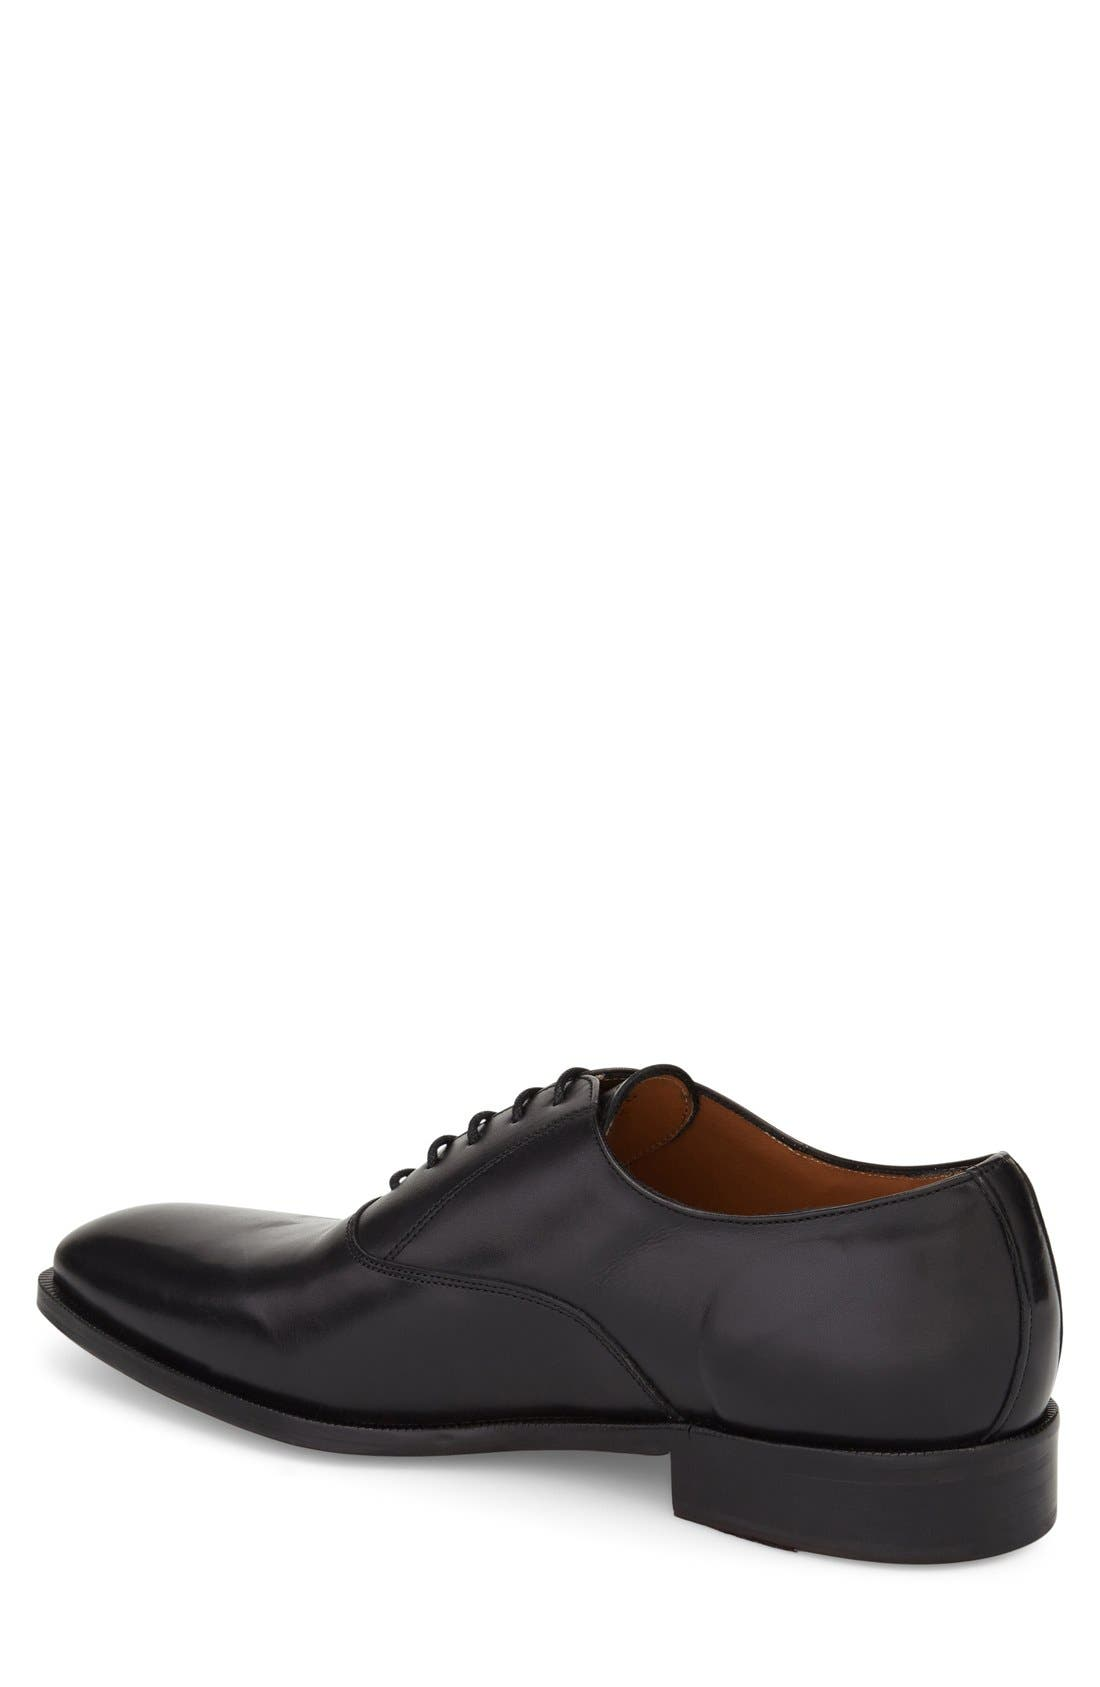 Top Coat Plain Toe Oxford,                             Alternate thumbnail 3, color,                             001